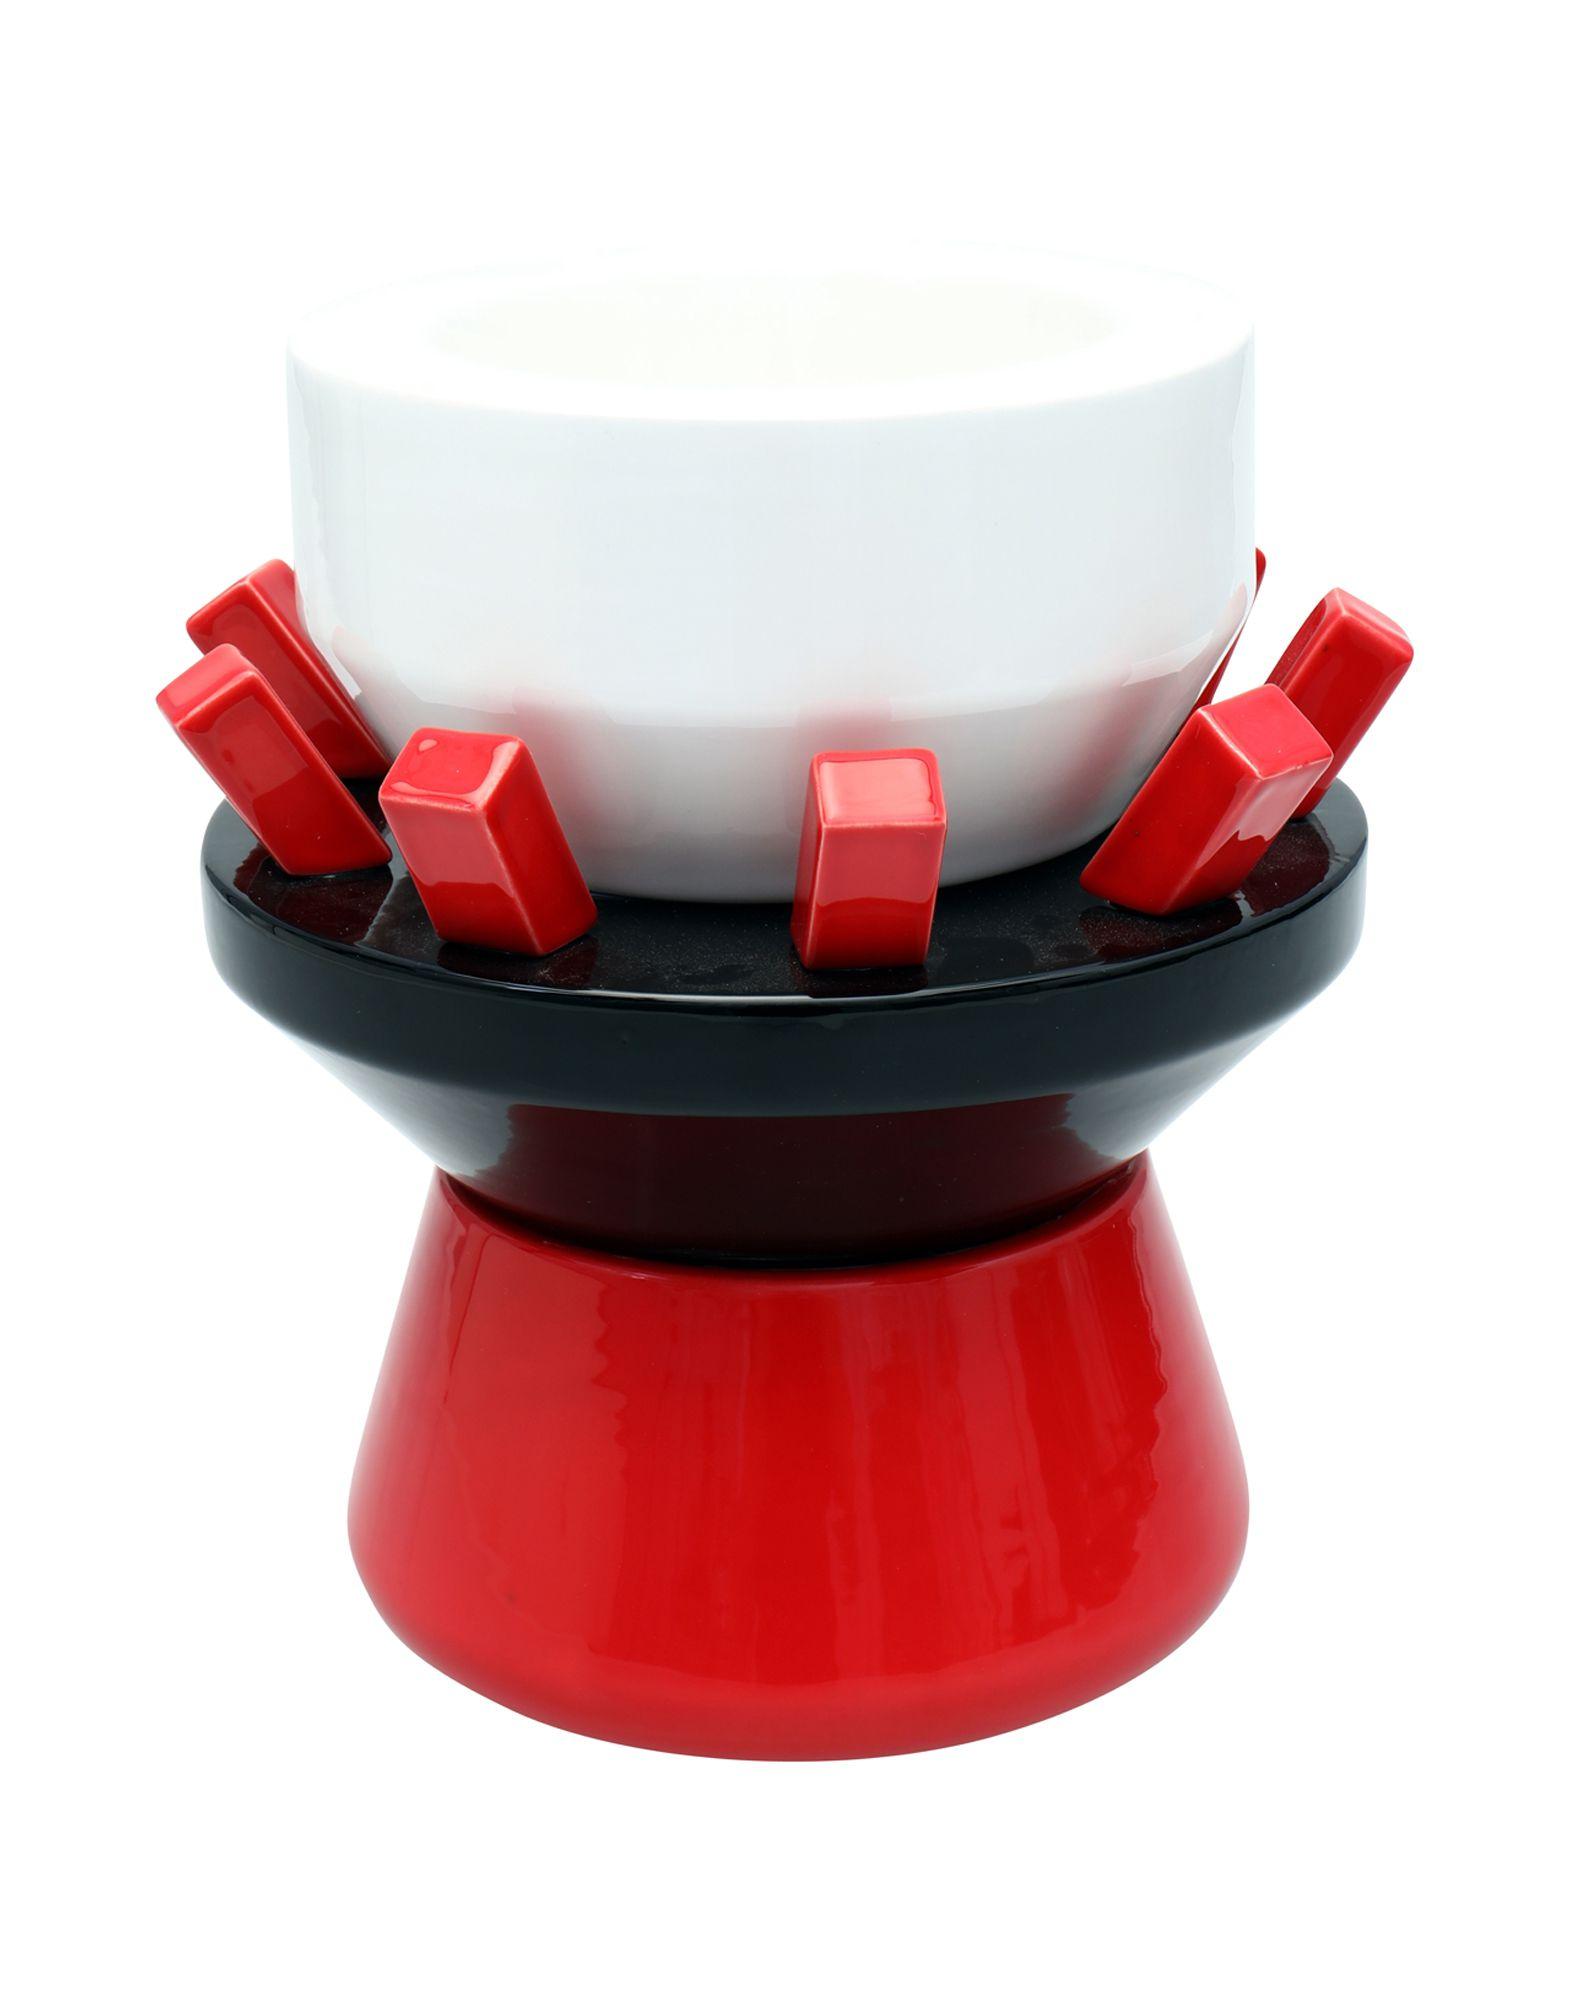 《送料無料》MEMPHIS MILANO Unisex 雑貨 レッド 陶製 100% MELA